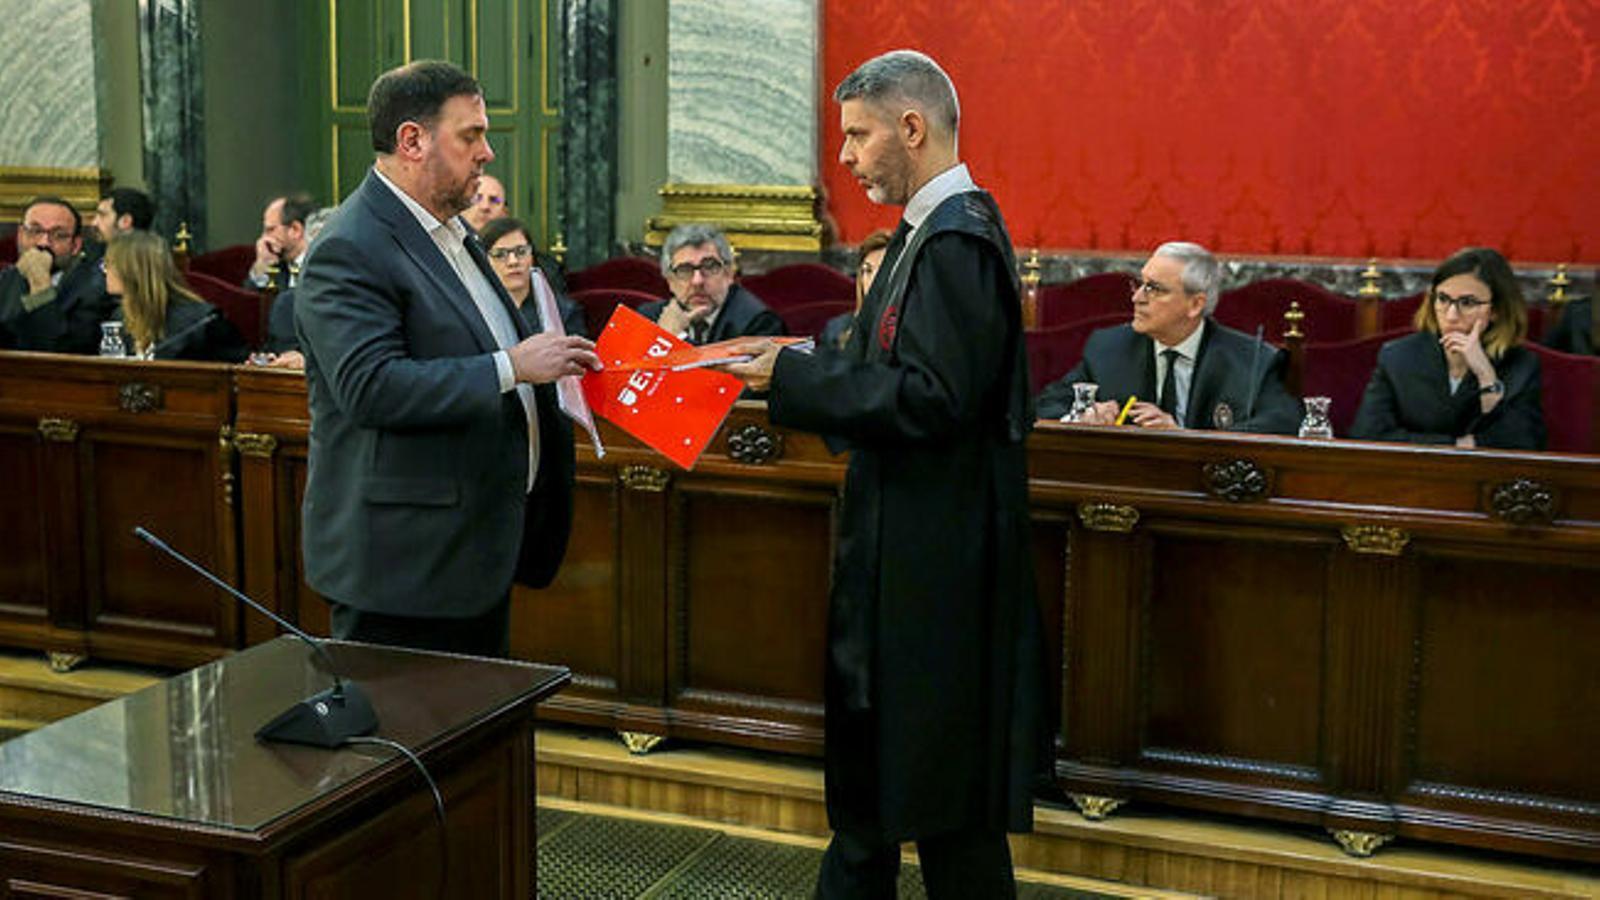 L'advocat general del TJUE publicarà les seves conclusions el 12 de novembre